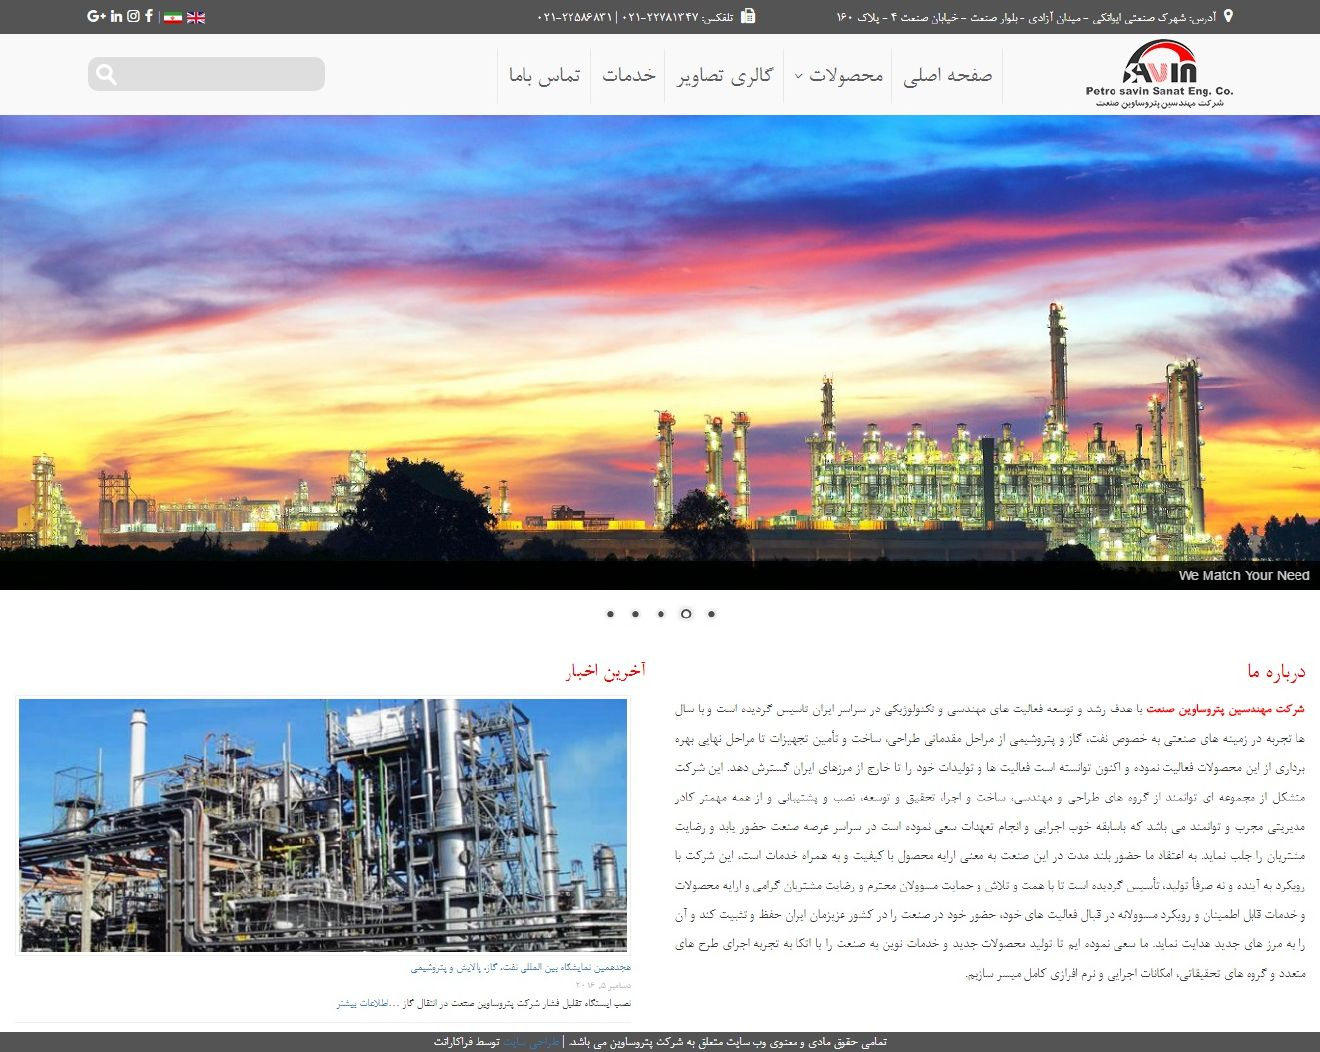 طراحی سایت شرکت مهندسین پتروساوین صنعت